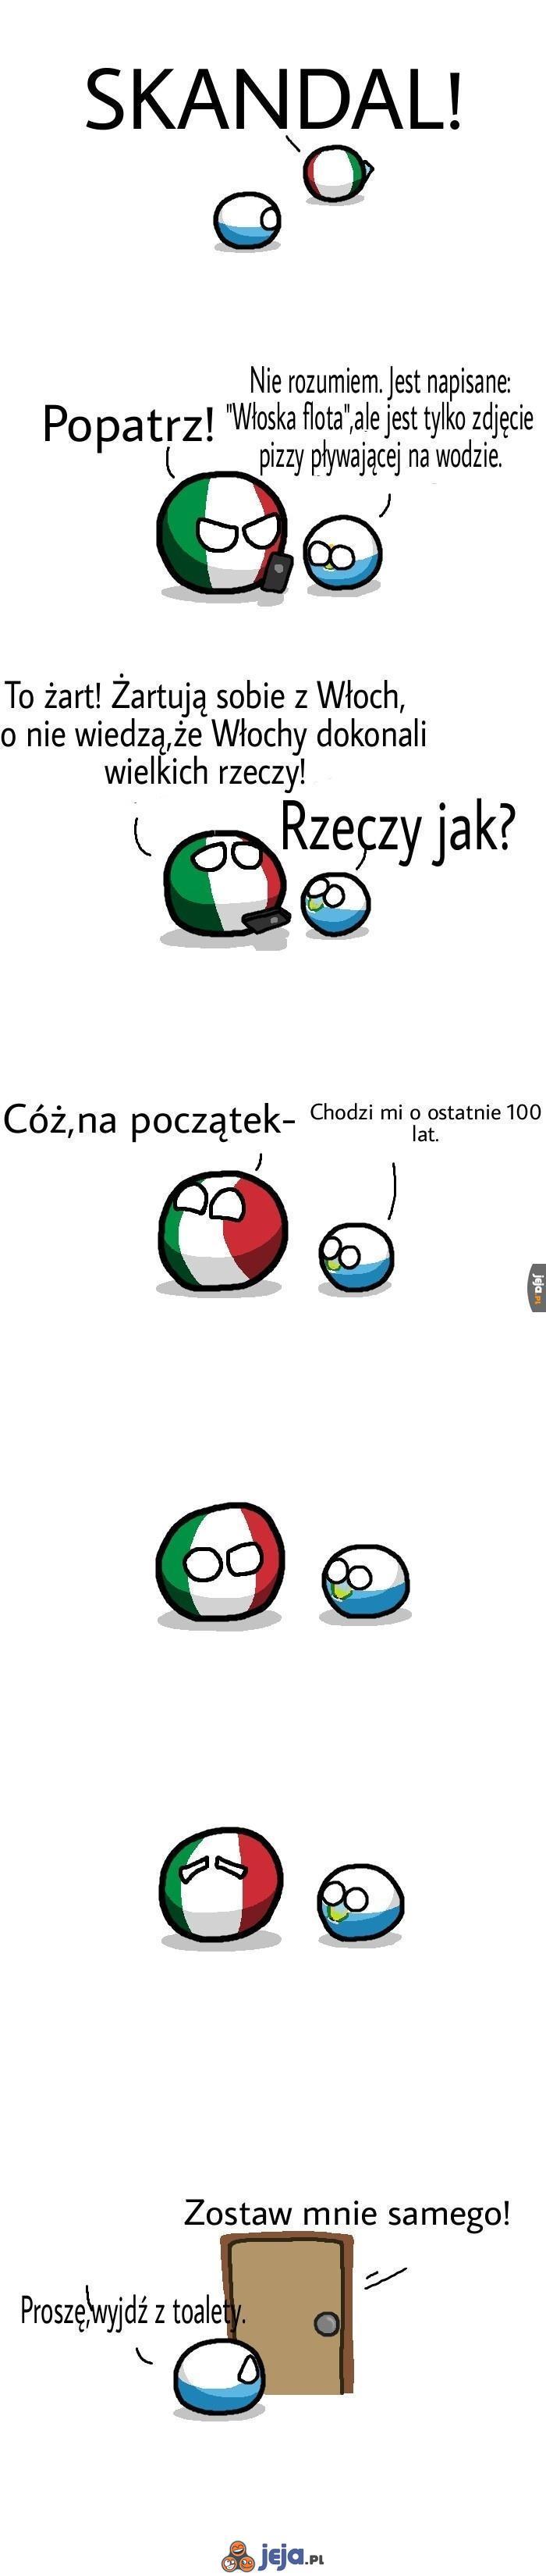 Włoskie dokonania historyczne